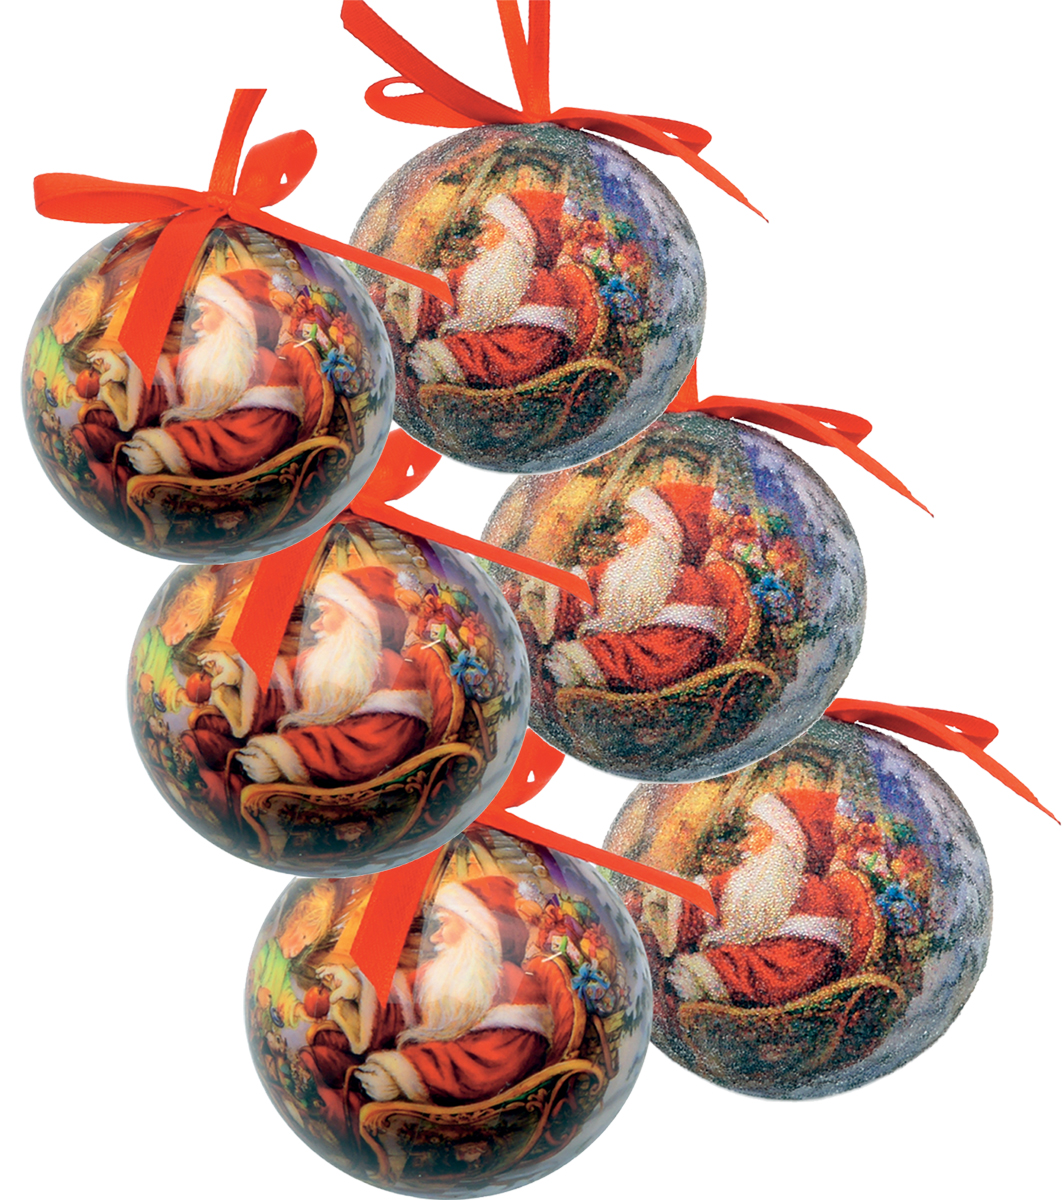 Набор новогодних подвесных украшений Mister Christmas  Папье-маше , диаметр 7,5 см, 6 шт. PM-21-6 -  Украшения